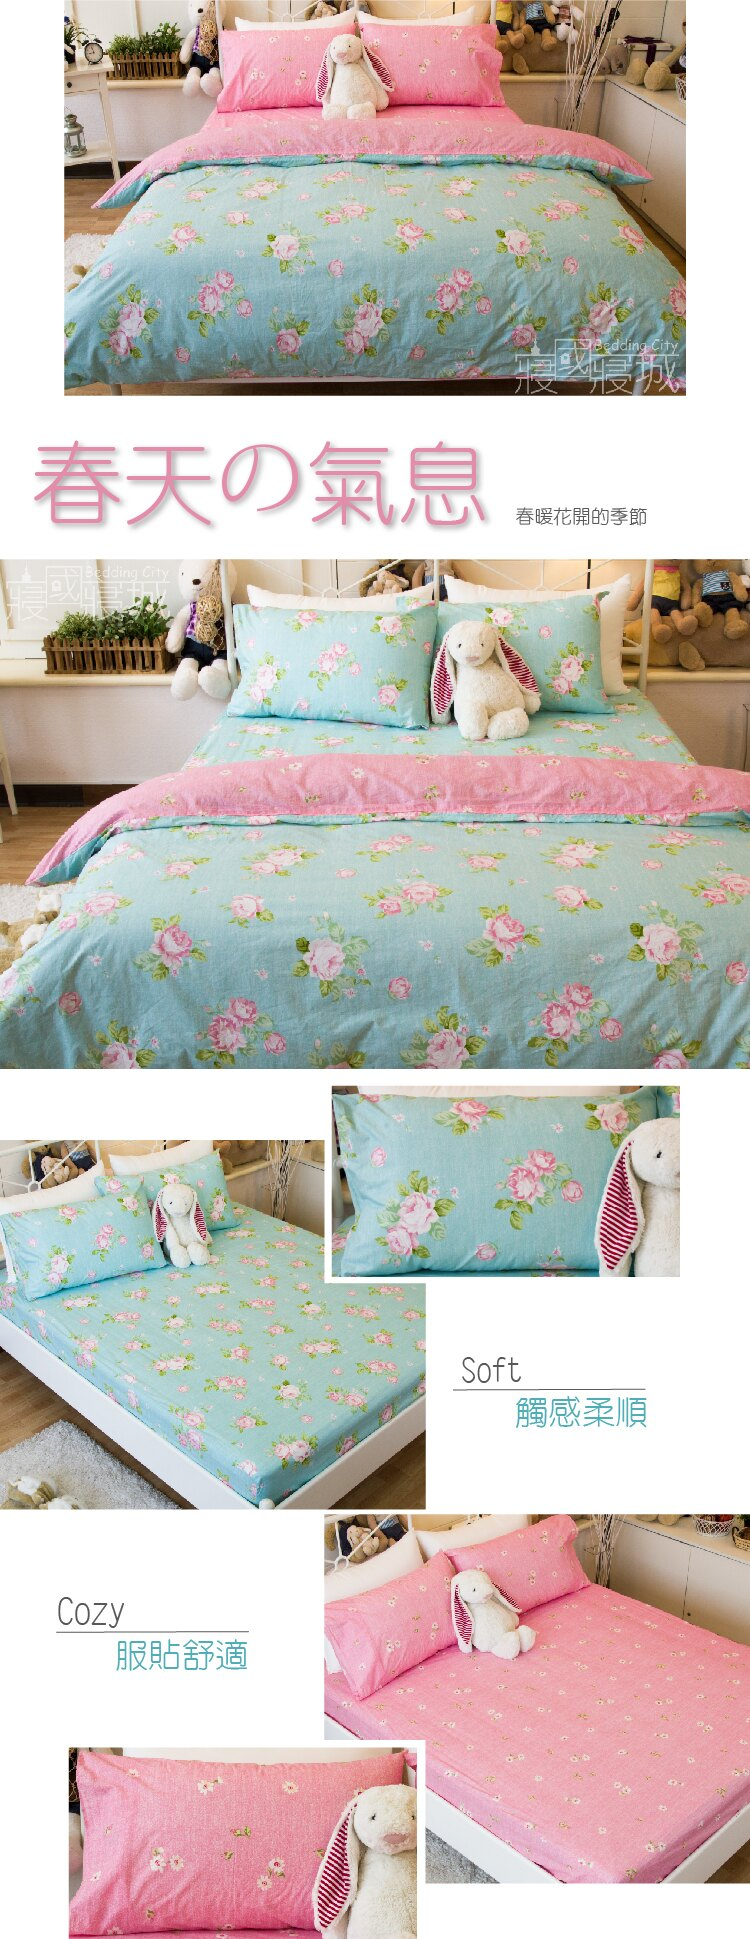 100%精梳棉-春天的氣息單人床包組+被套【大鐘印染、台灣製造】#玫瑰花 #精梳純綿 1